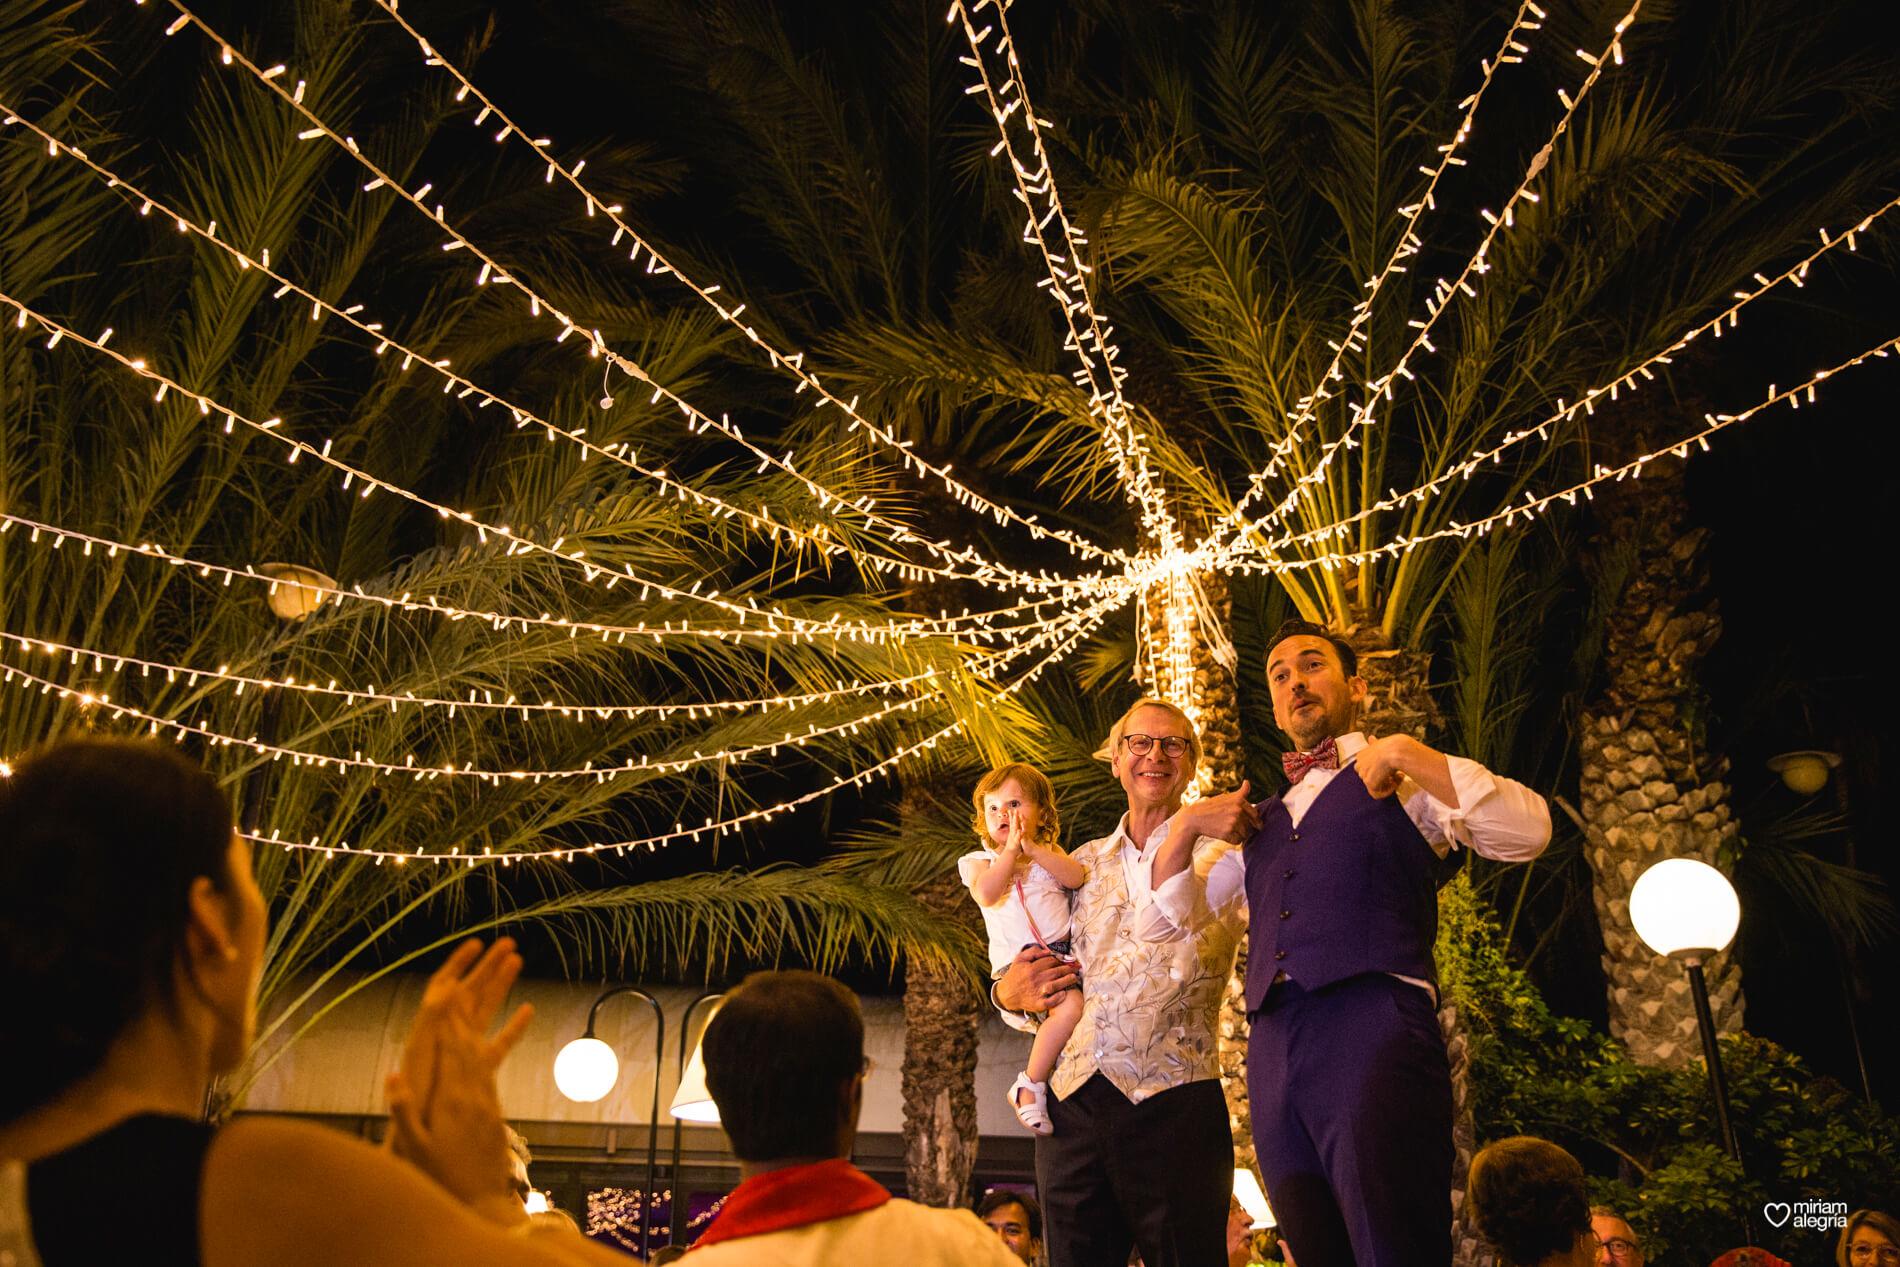 wedding-huerto-del-cura-elche-miriam-alegria-fotografos-boda-91